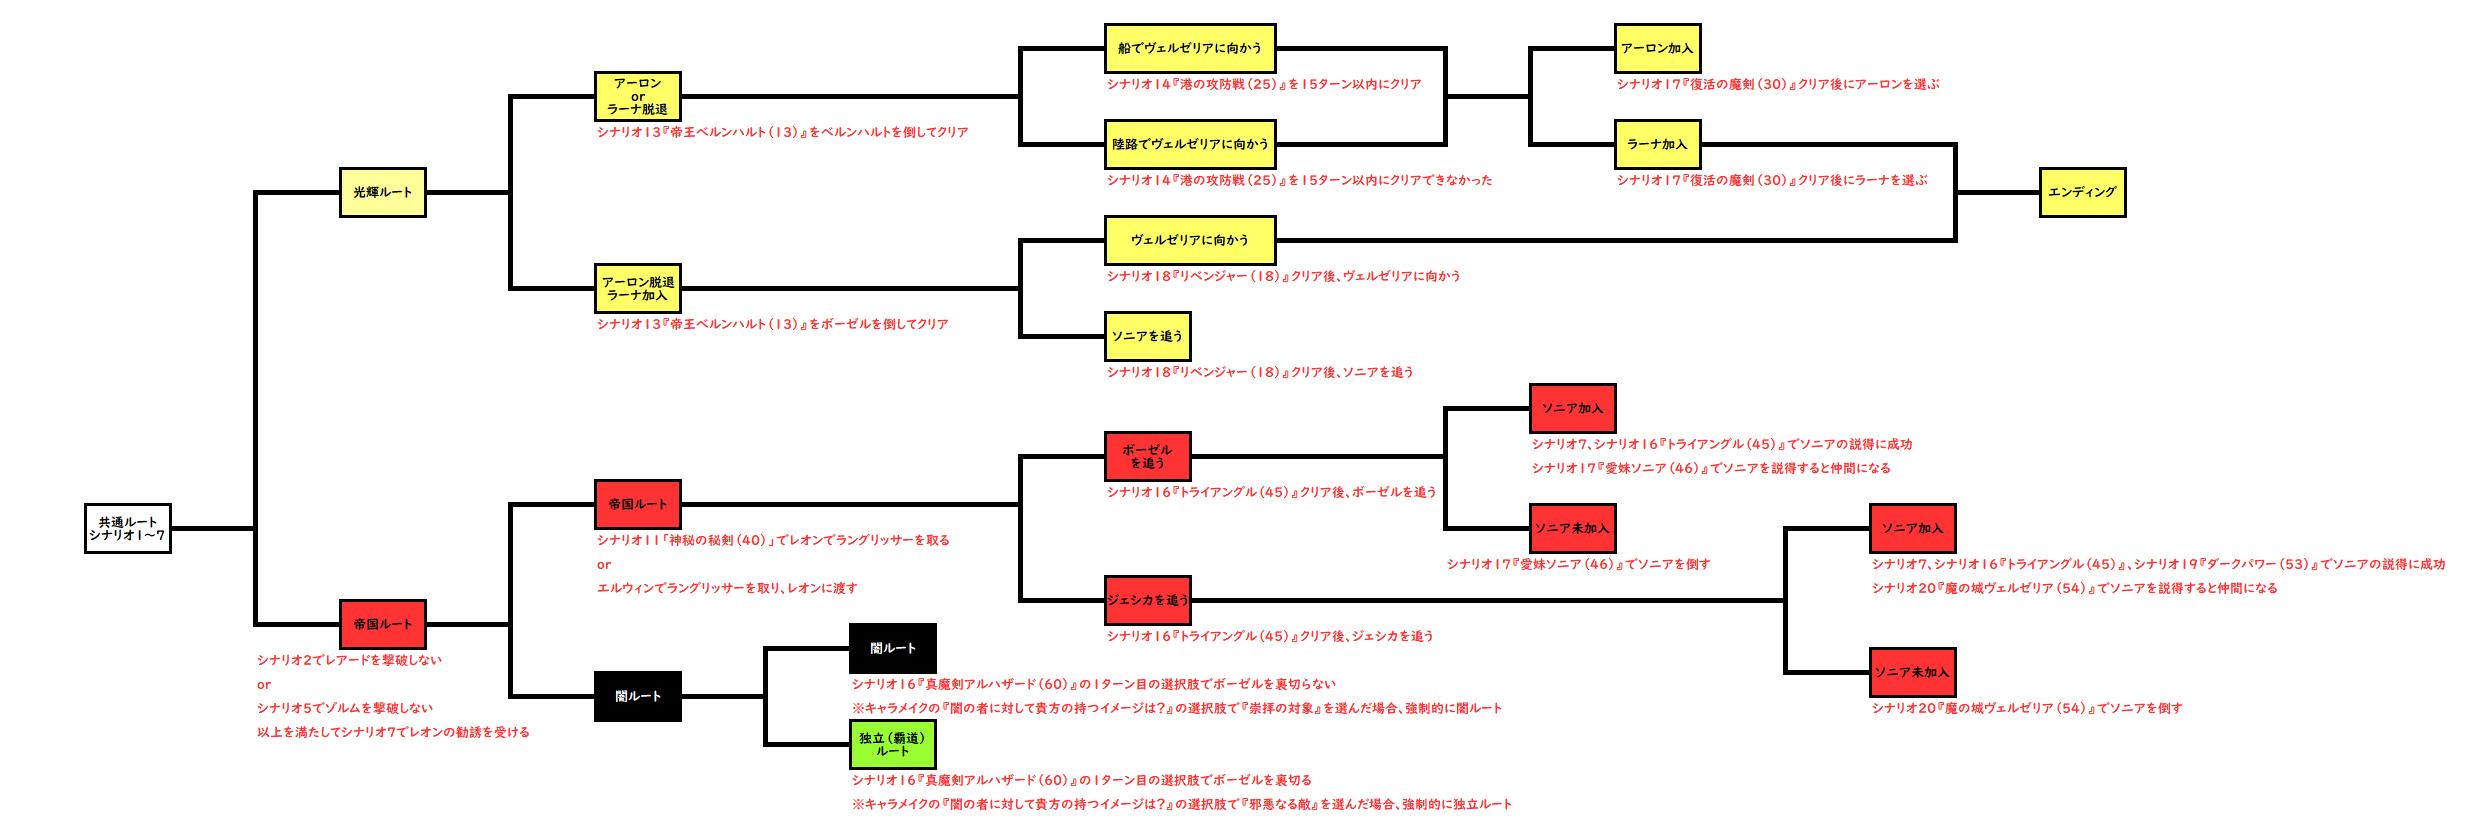 デアラングリッサーのルート分岐